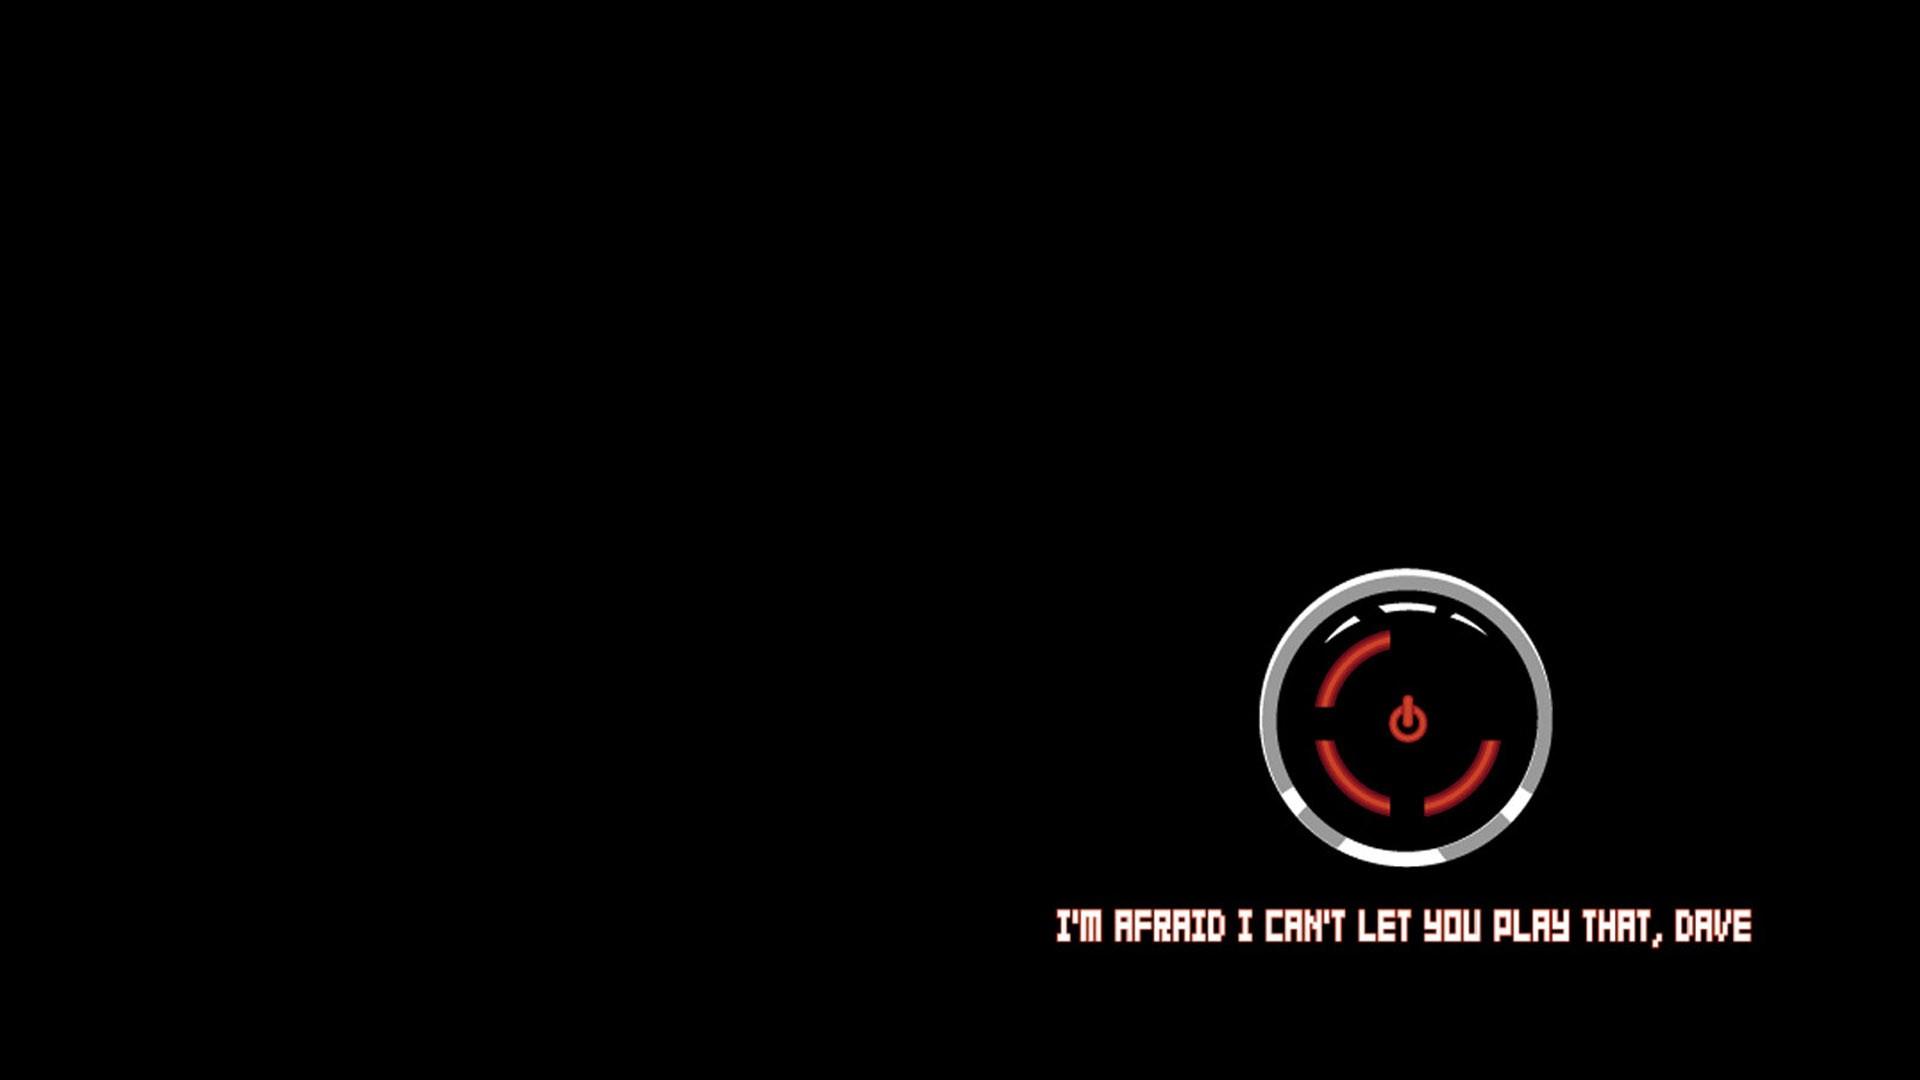 デスクトップ壁紙 19x1080 Px 01年の宇宙オデッセイ 黒い背景 Hal 9000 ユーモア 赤い死の指輪 ロボット 単純な ビデオゲーム Xbox 360 19x1080 Goodfon デスクトップ壁紙 Wallhere